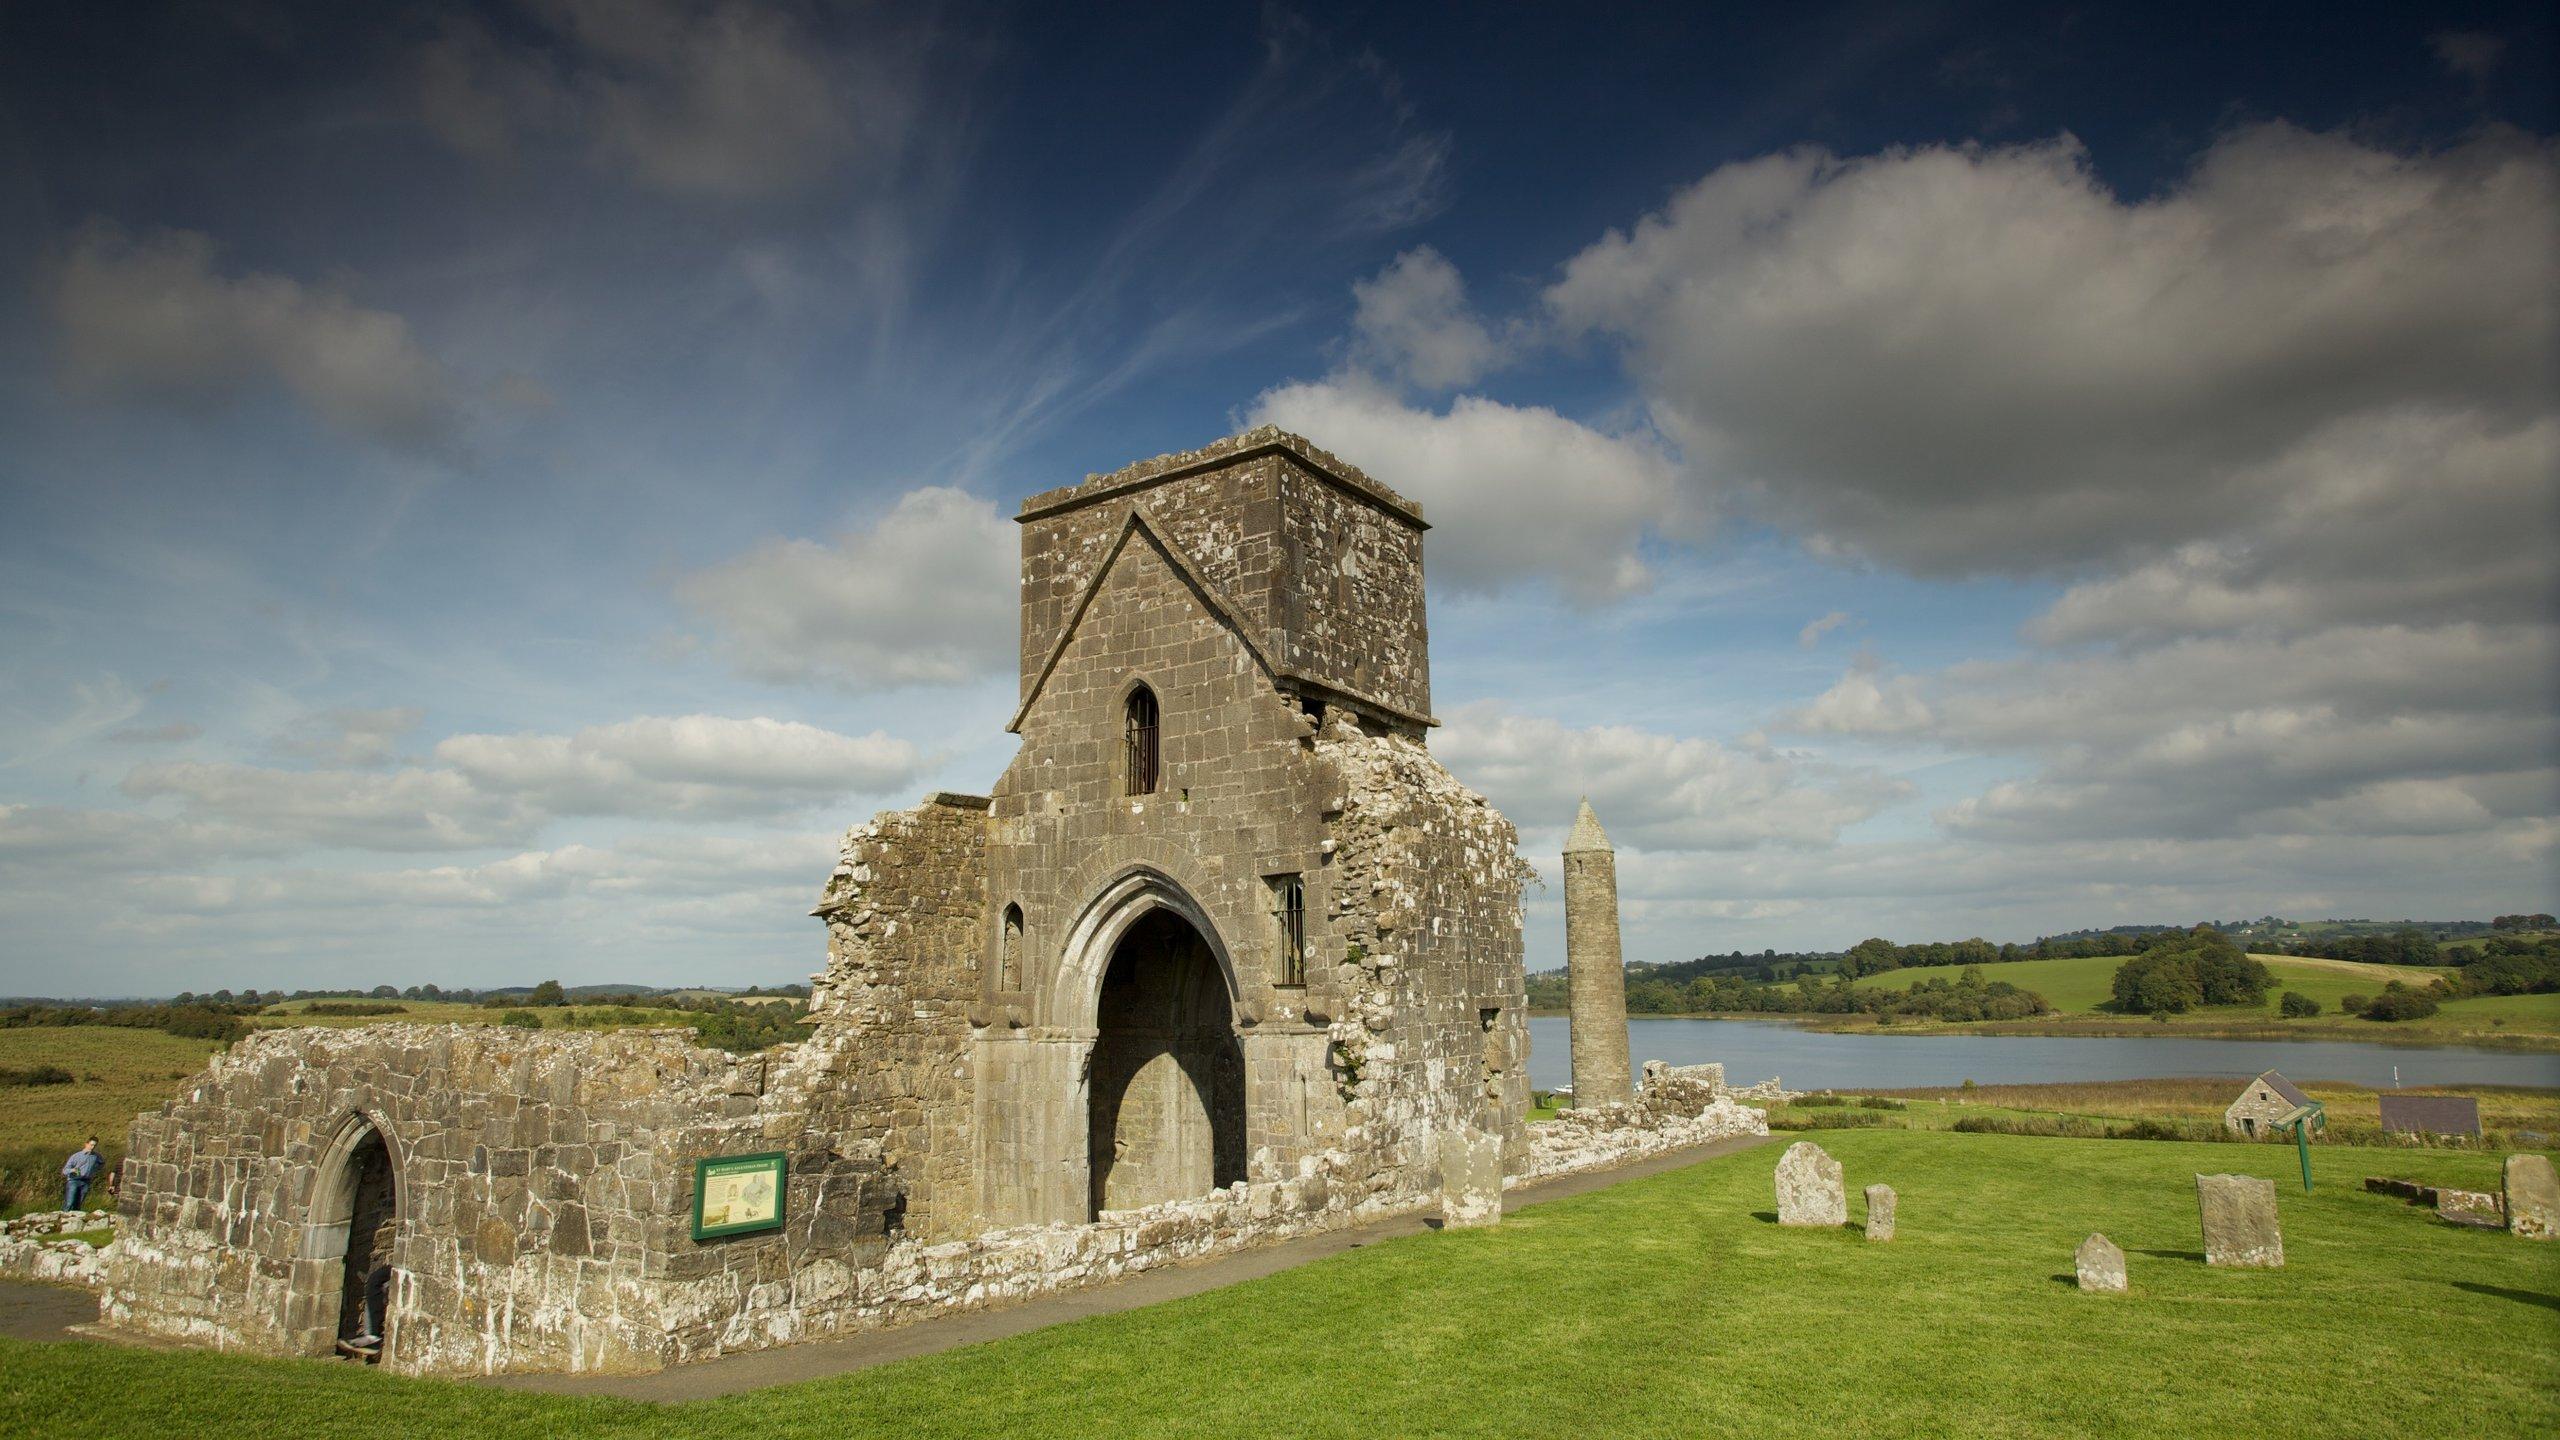 County Fermanagh, Northern Ireland, United Kingdom